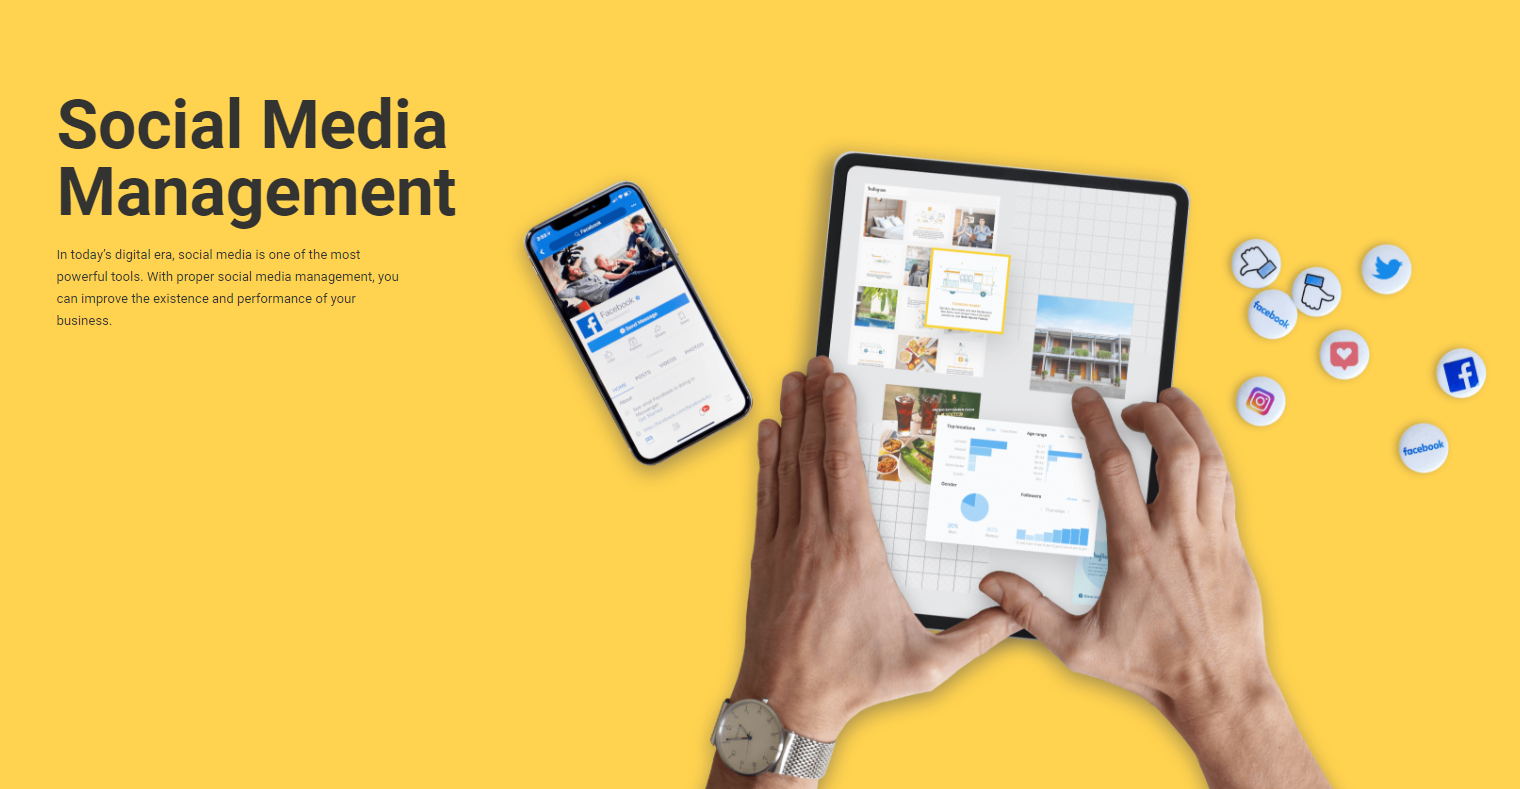 Social Media Management Image'